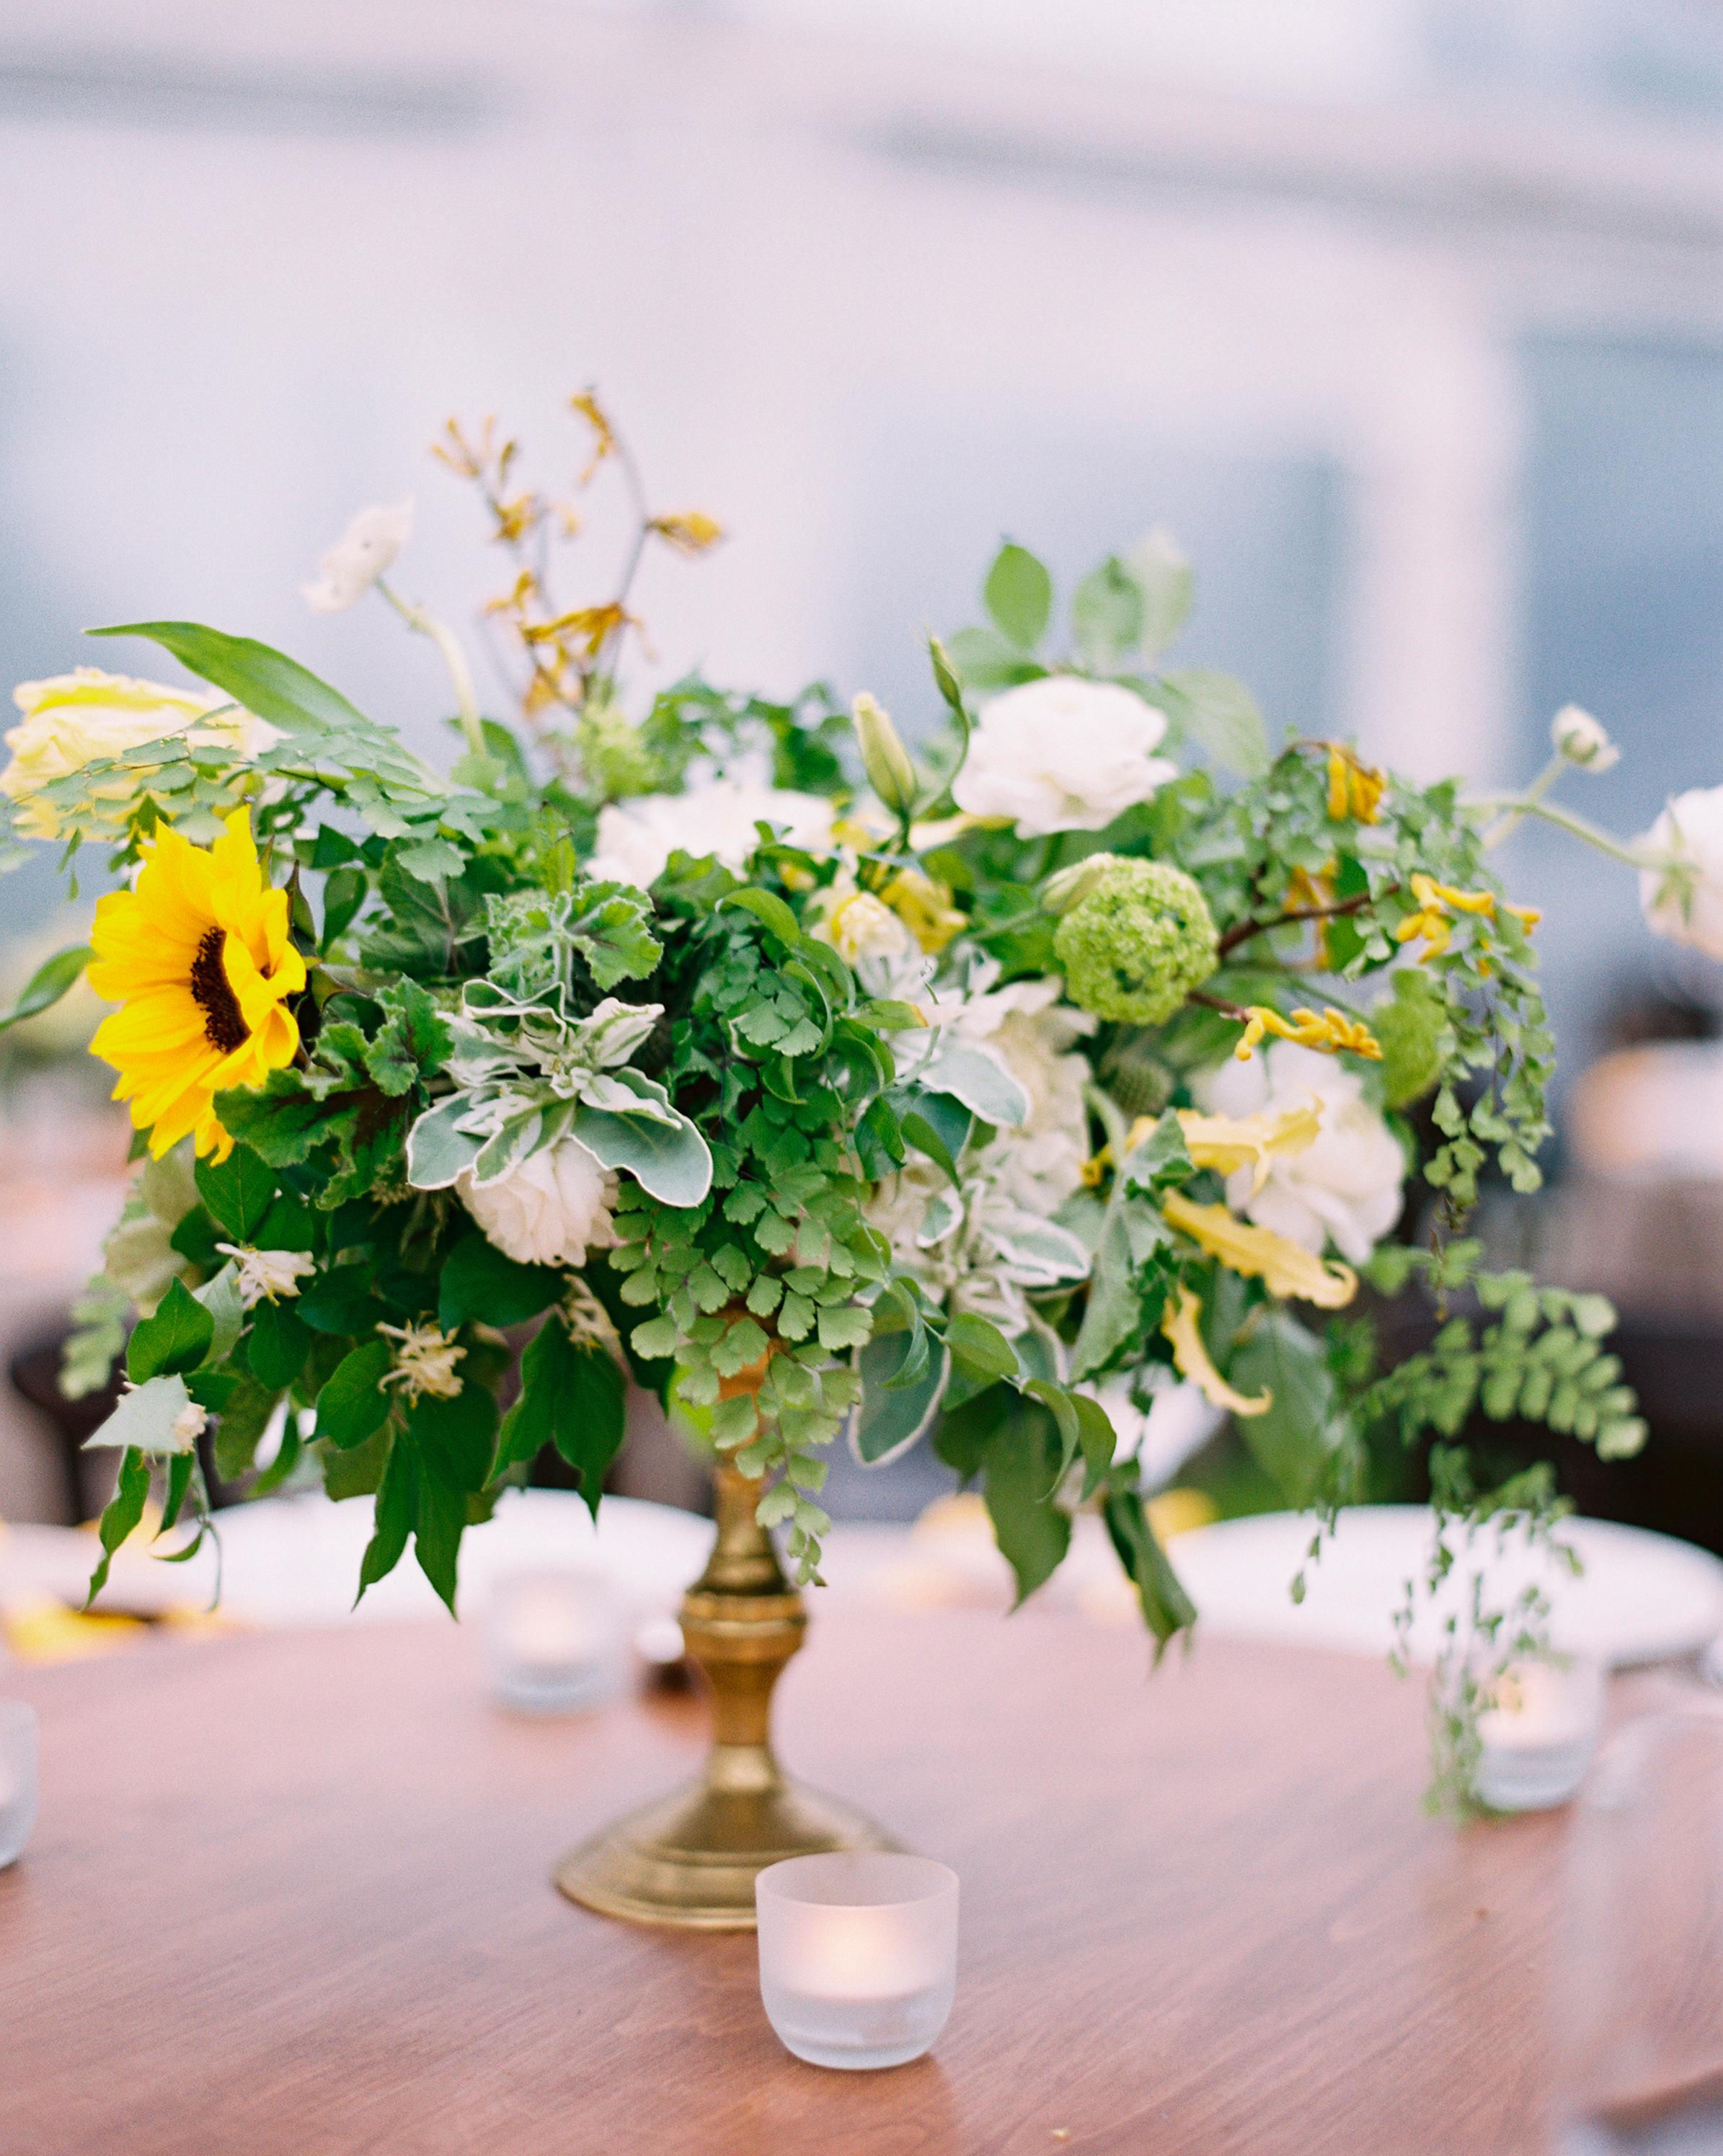 susan-cartter-wedding-centerpiece-008455015-s111503-0914.jpg